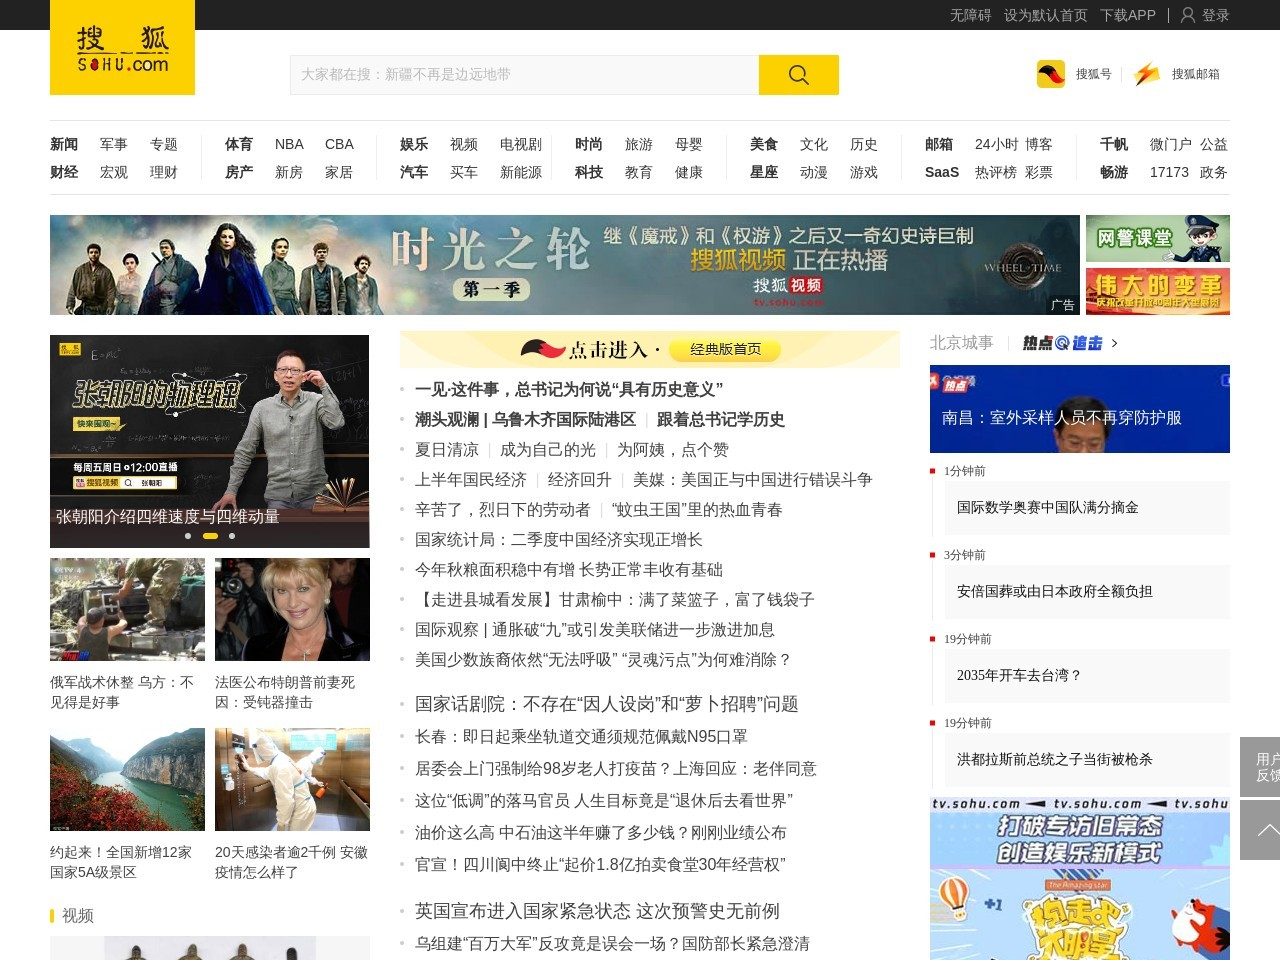 """港媒:黑帮厮杀追入警署,港警""""一哥""""震怒,全港反黑4天拘捕298人_香港"""